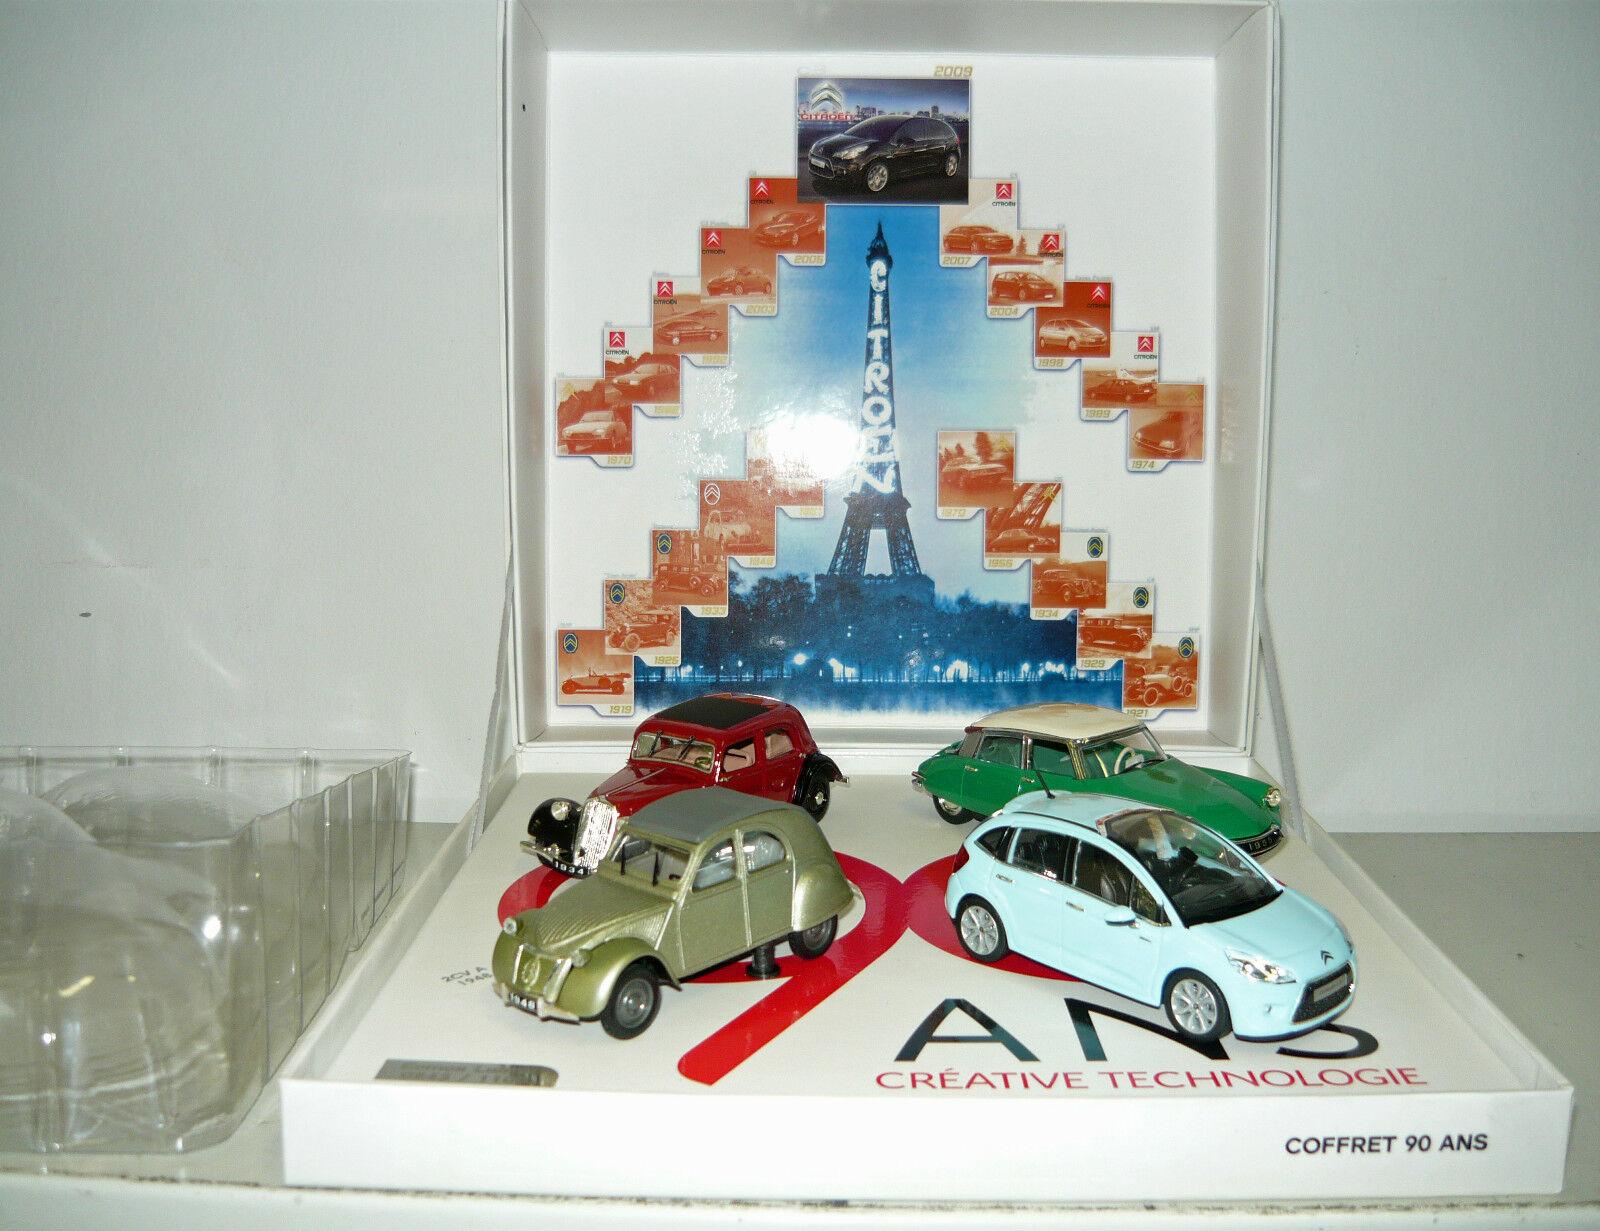 NOREV, Coffret 90 ans-Citroën, 4er Set, 1 43, neu&ovp